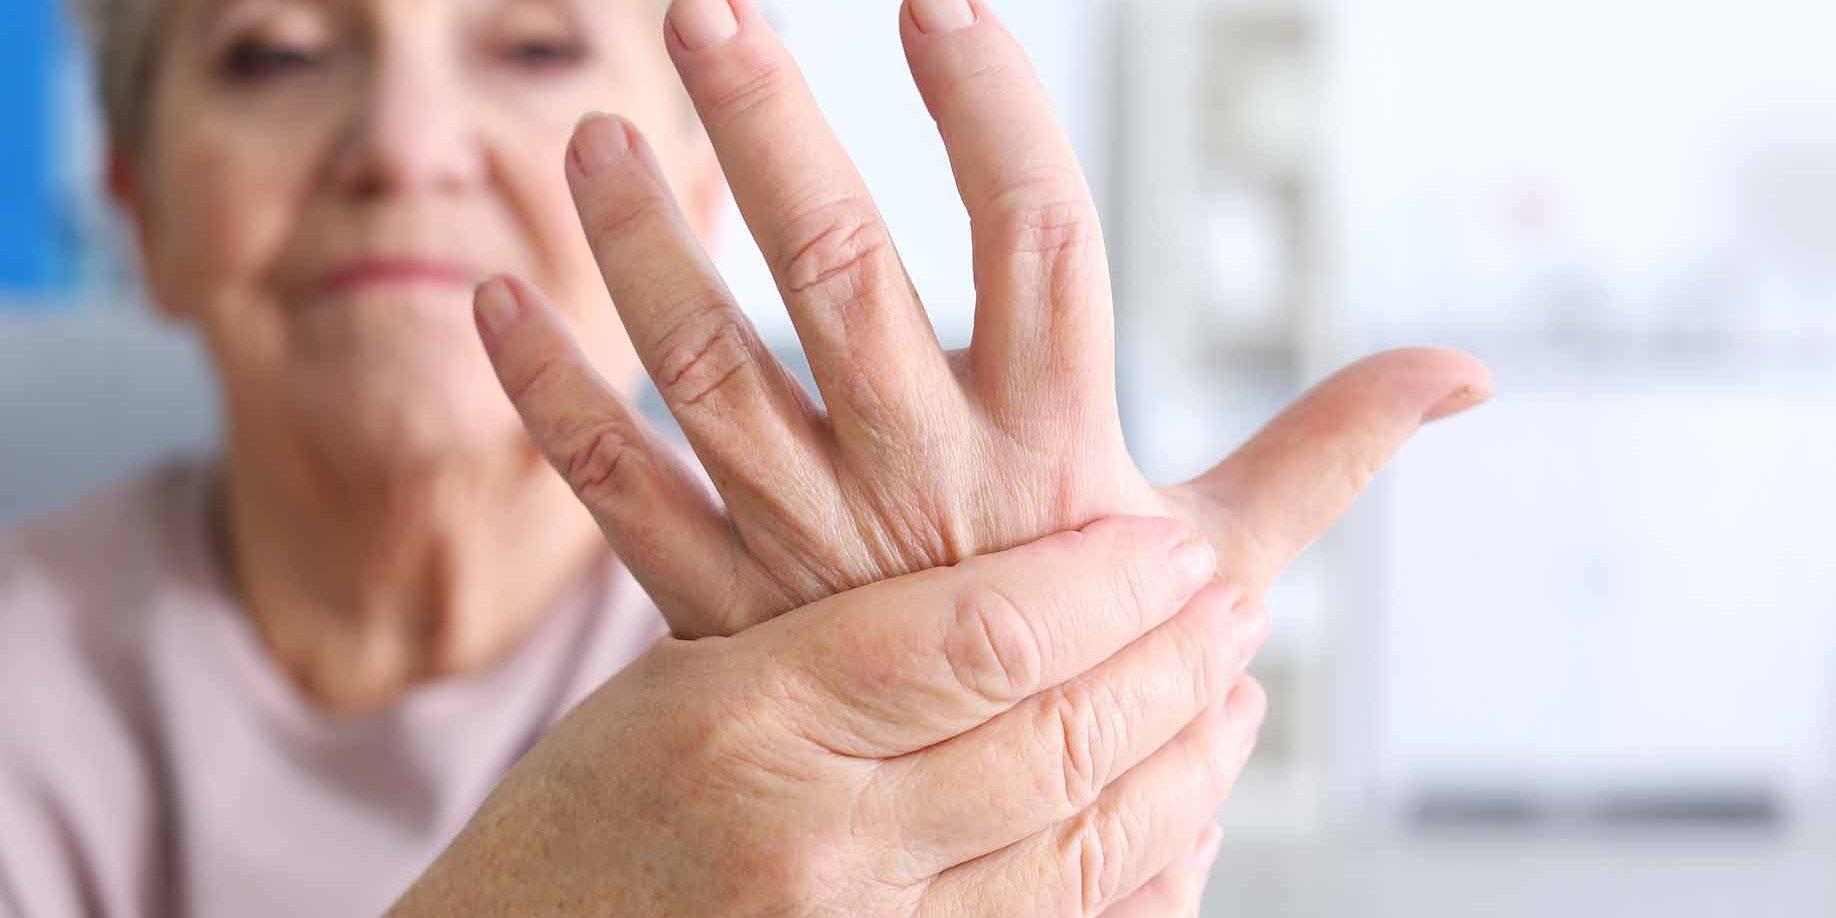 kokios ligos yra visi sąnariai liaudies gynimo priemonės alkūnės sąnario artritas